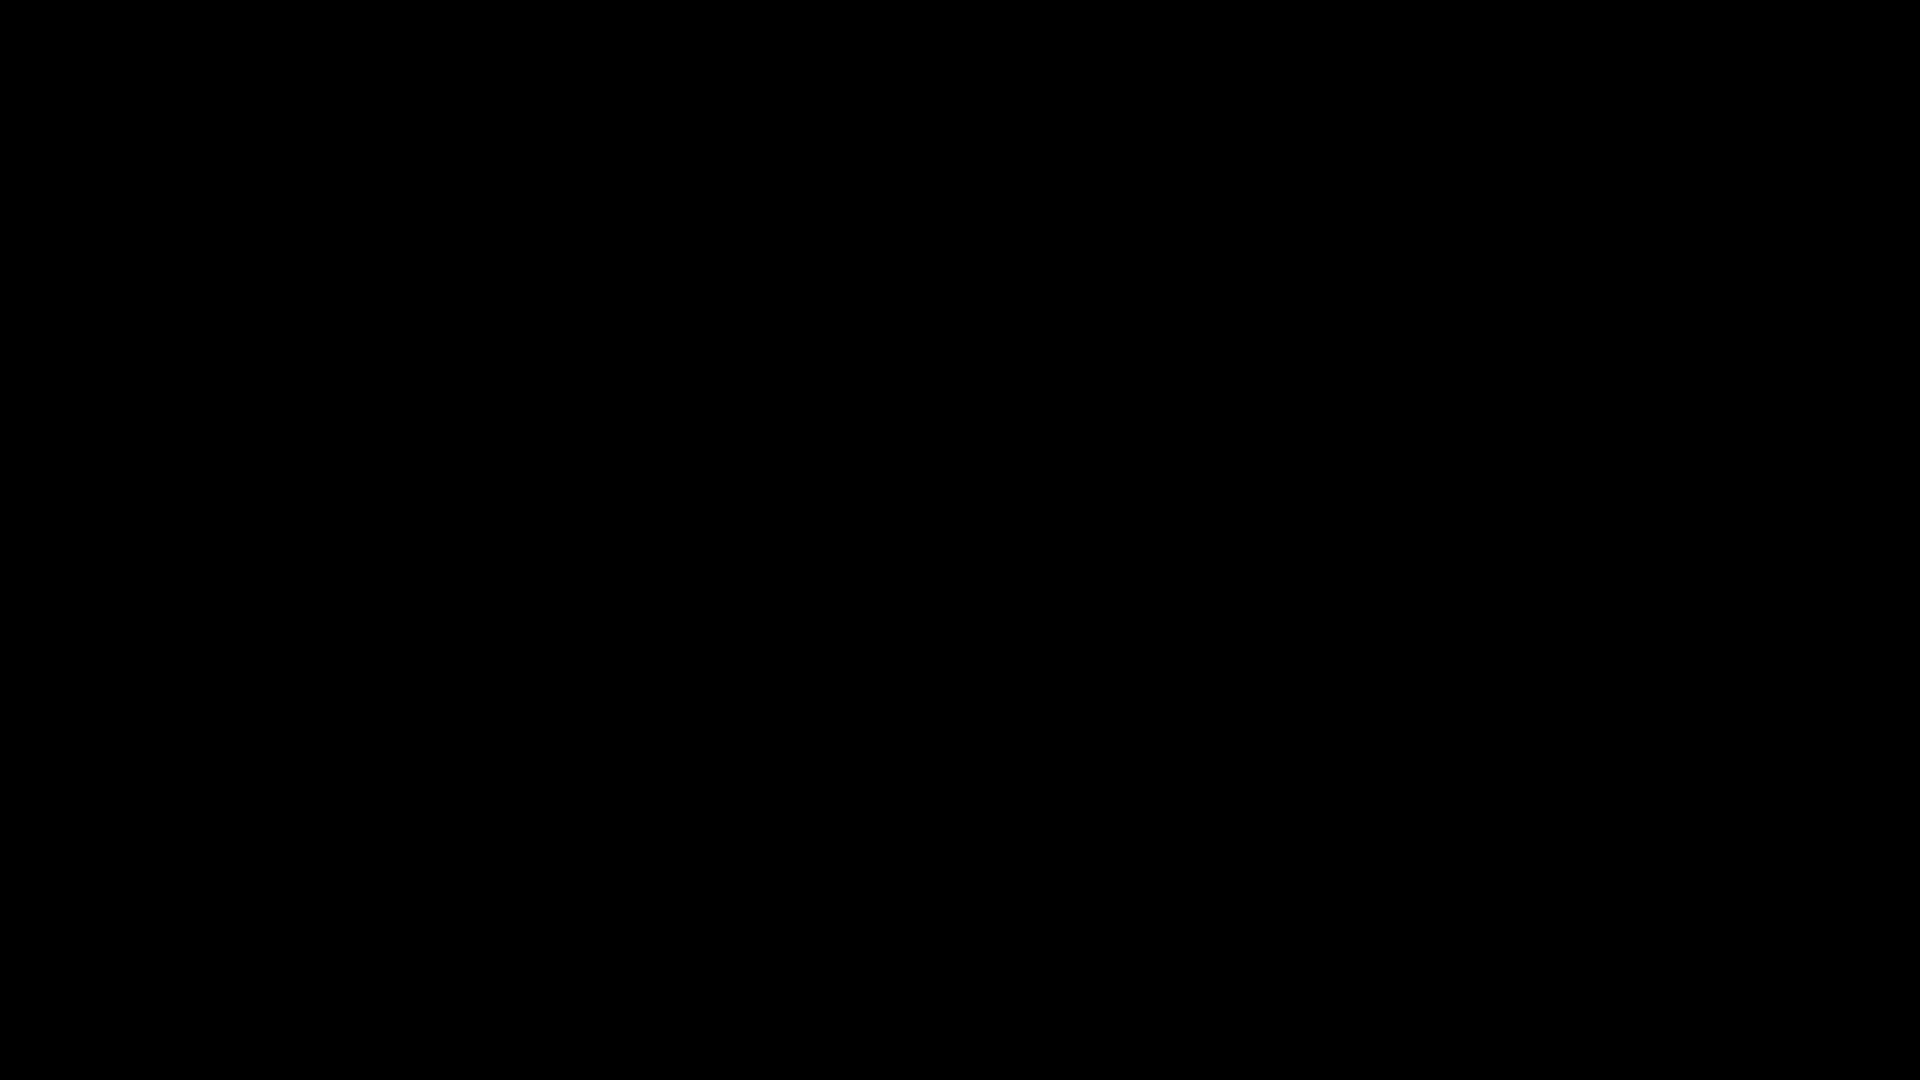 mei, overwatch, Mei Wall - Eichenwalde GIFs